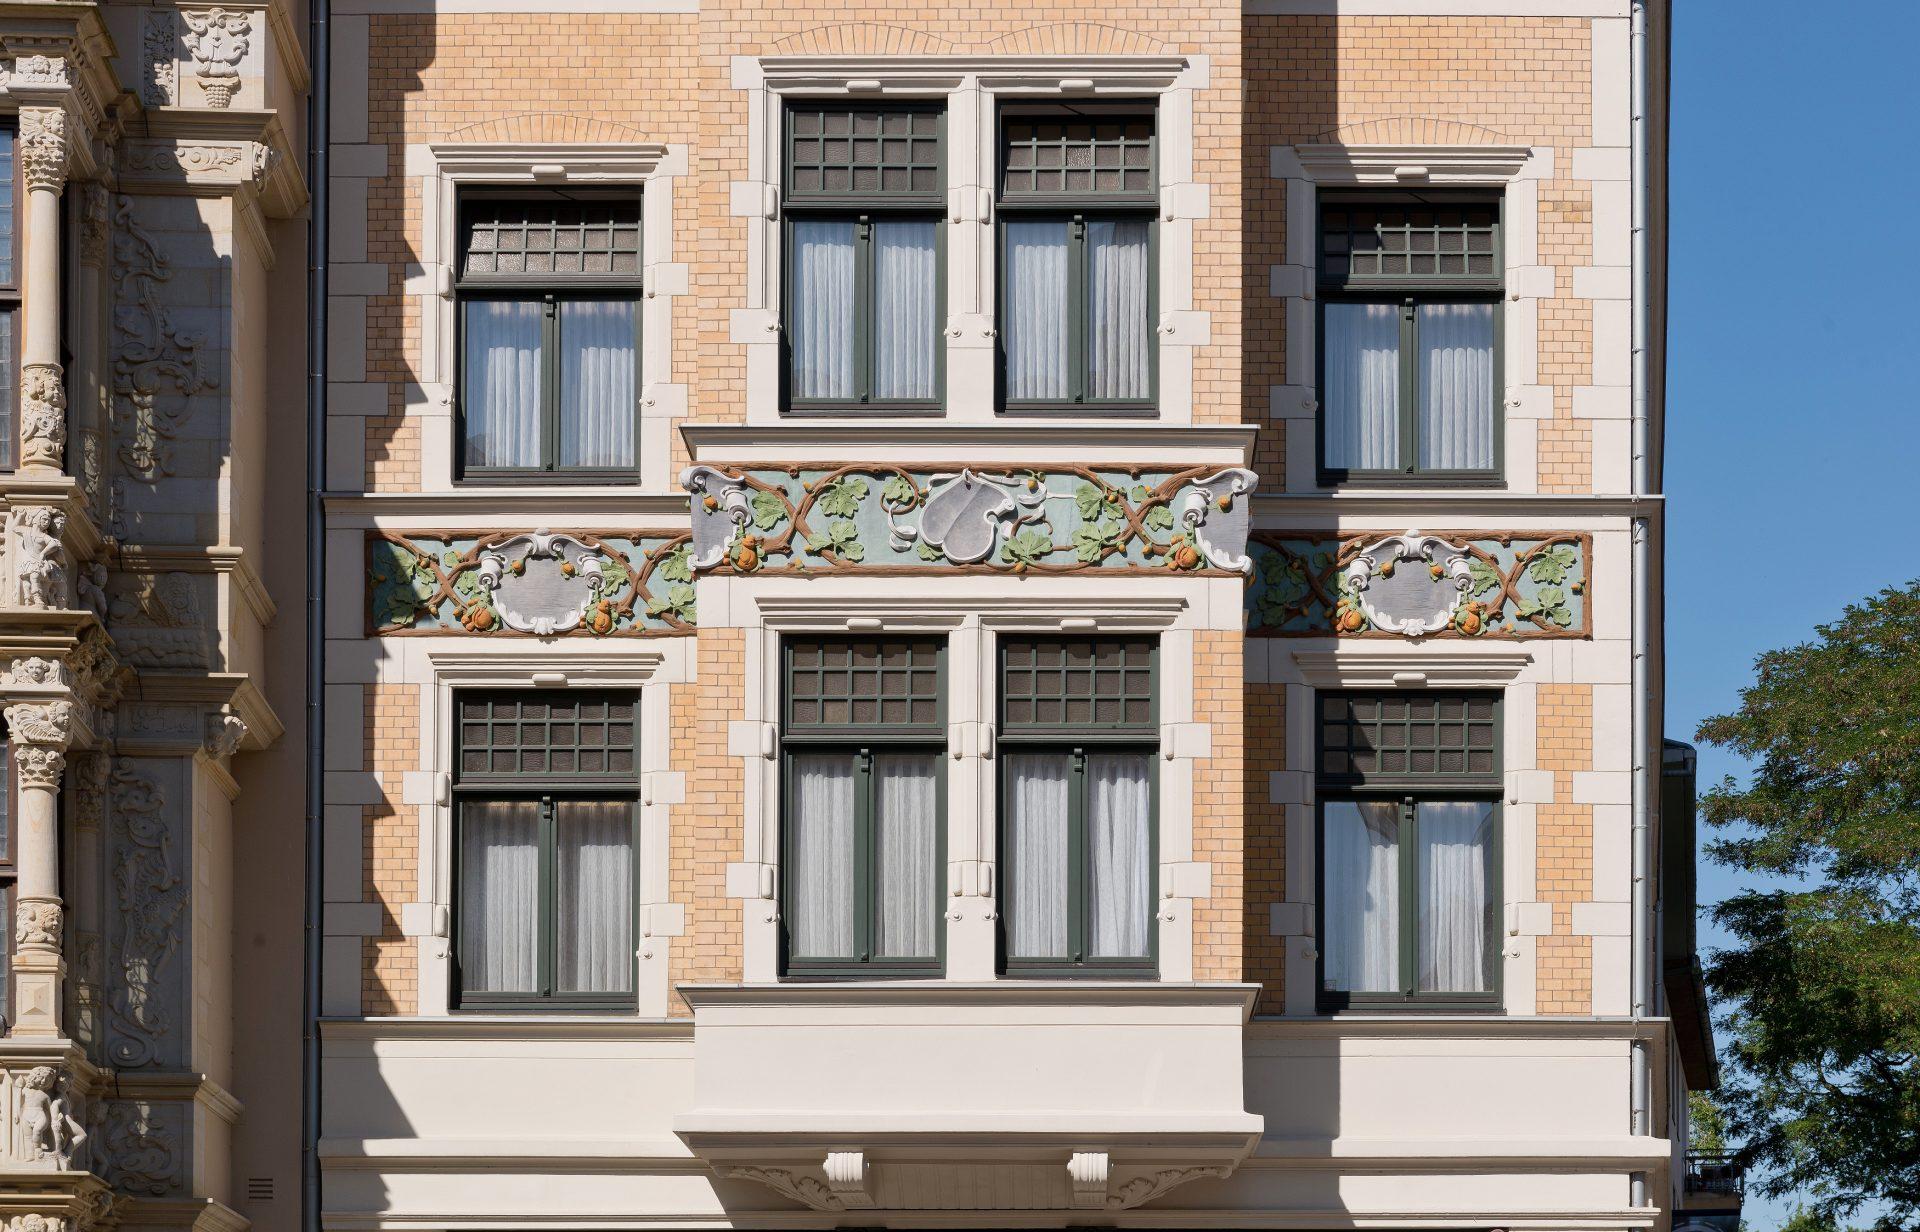 http://www.stricker-architekten.de/projekte/fassadensanierung-leibnizhaus-und-noltehaus-hannover/